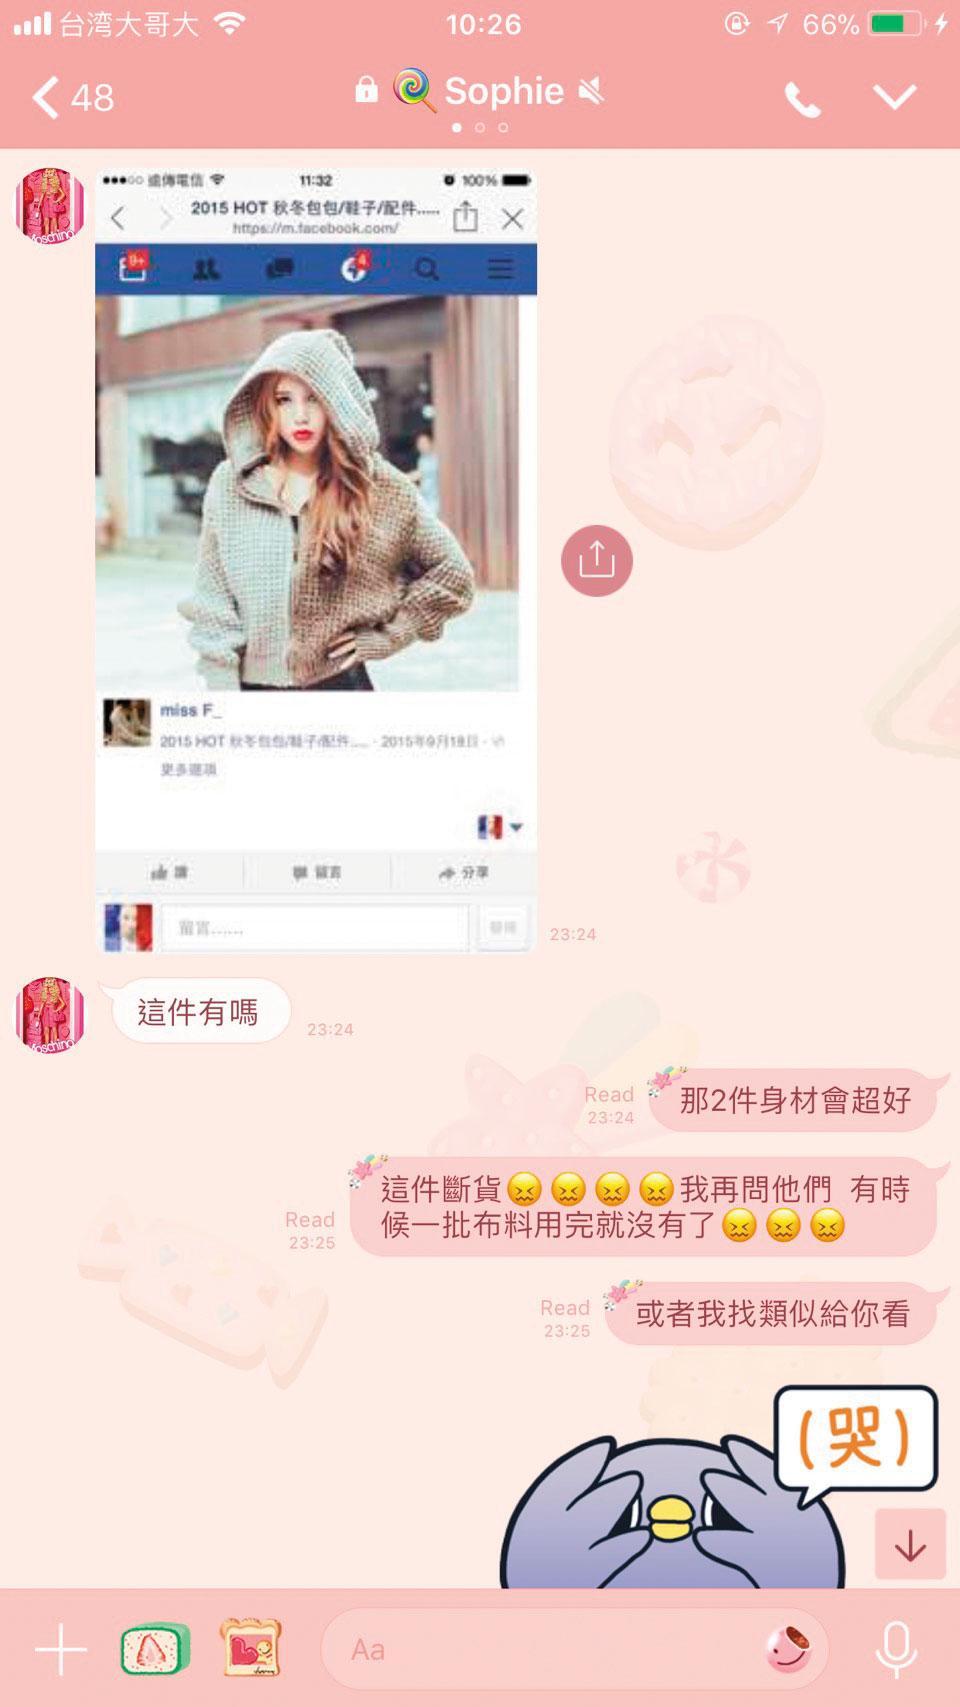 王思佳透過LINE挑衣服,業者期待她幫忙宣傳,讓她予取予求。